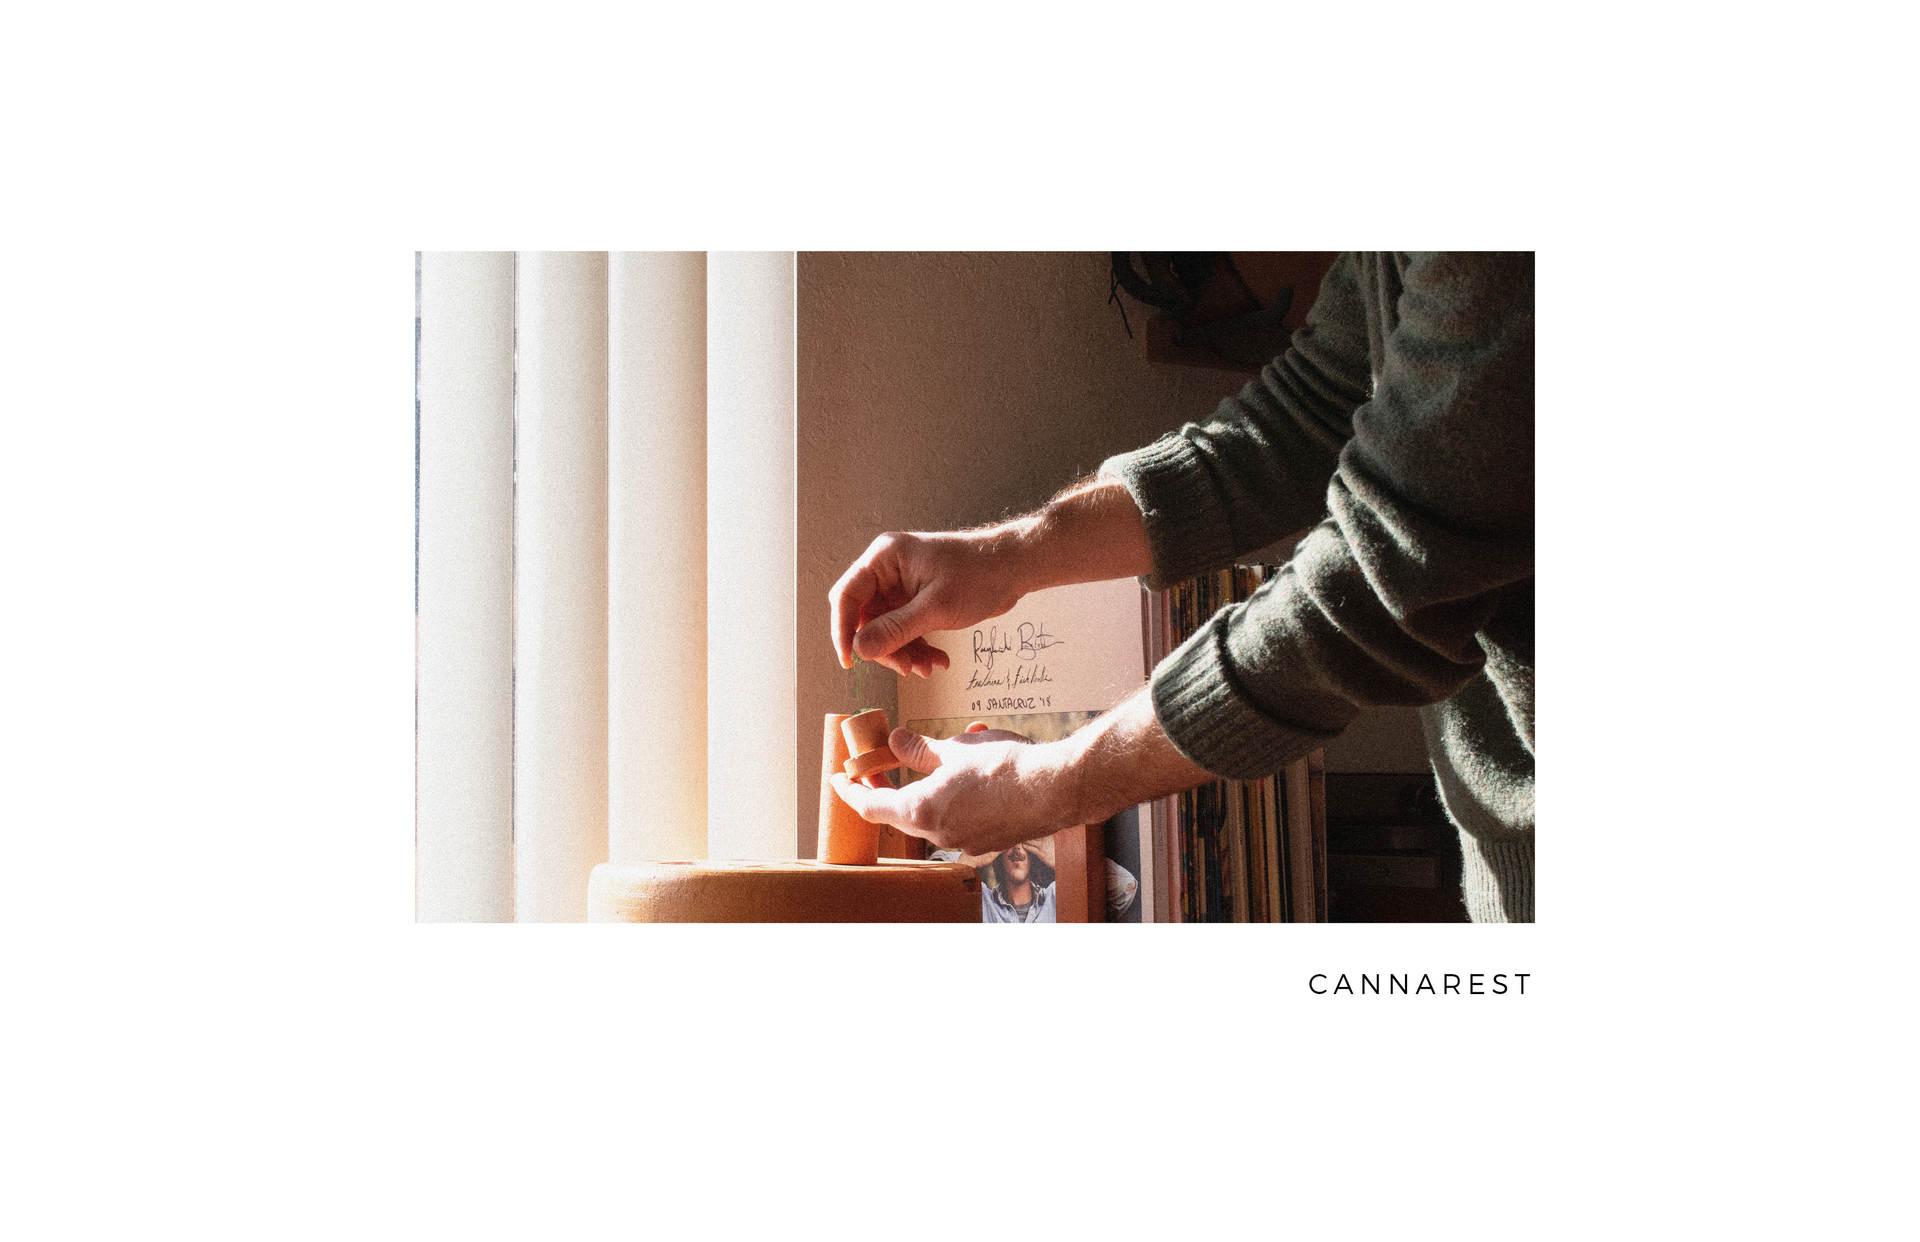 Cannarest - Matt Marchand-50.jpg